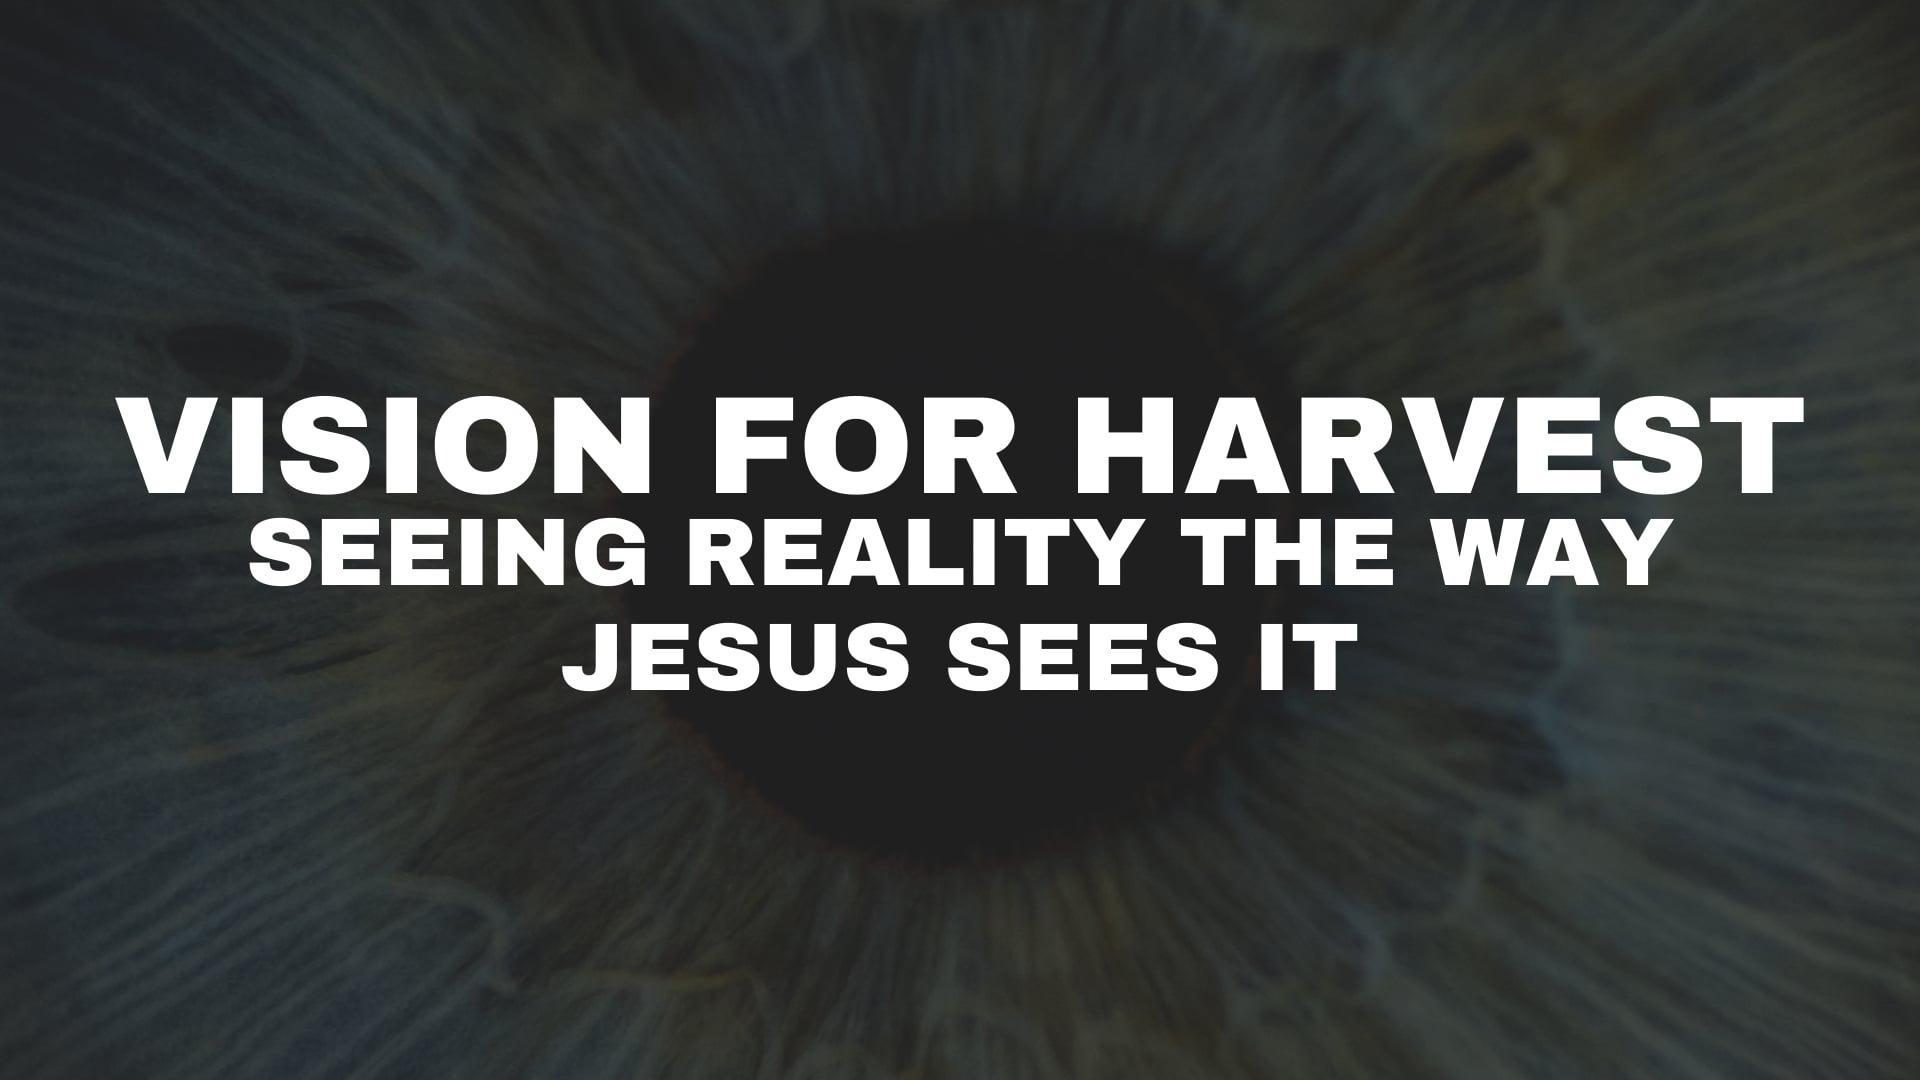 Vision For Harvest - October 11, 2020